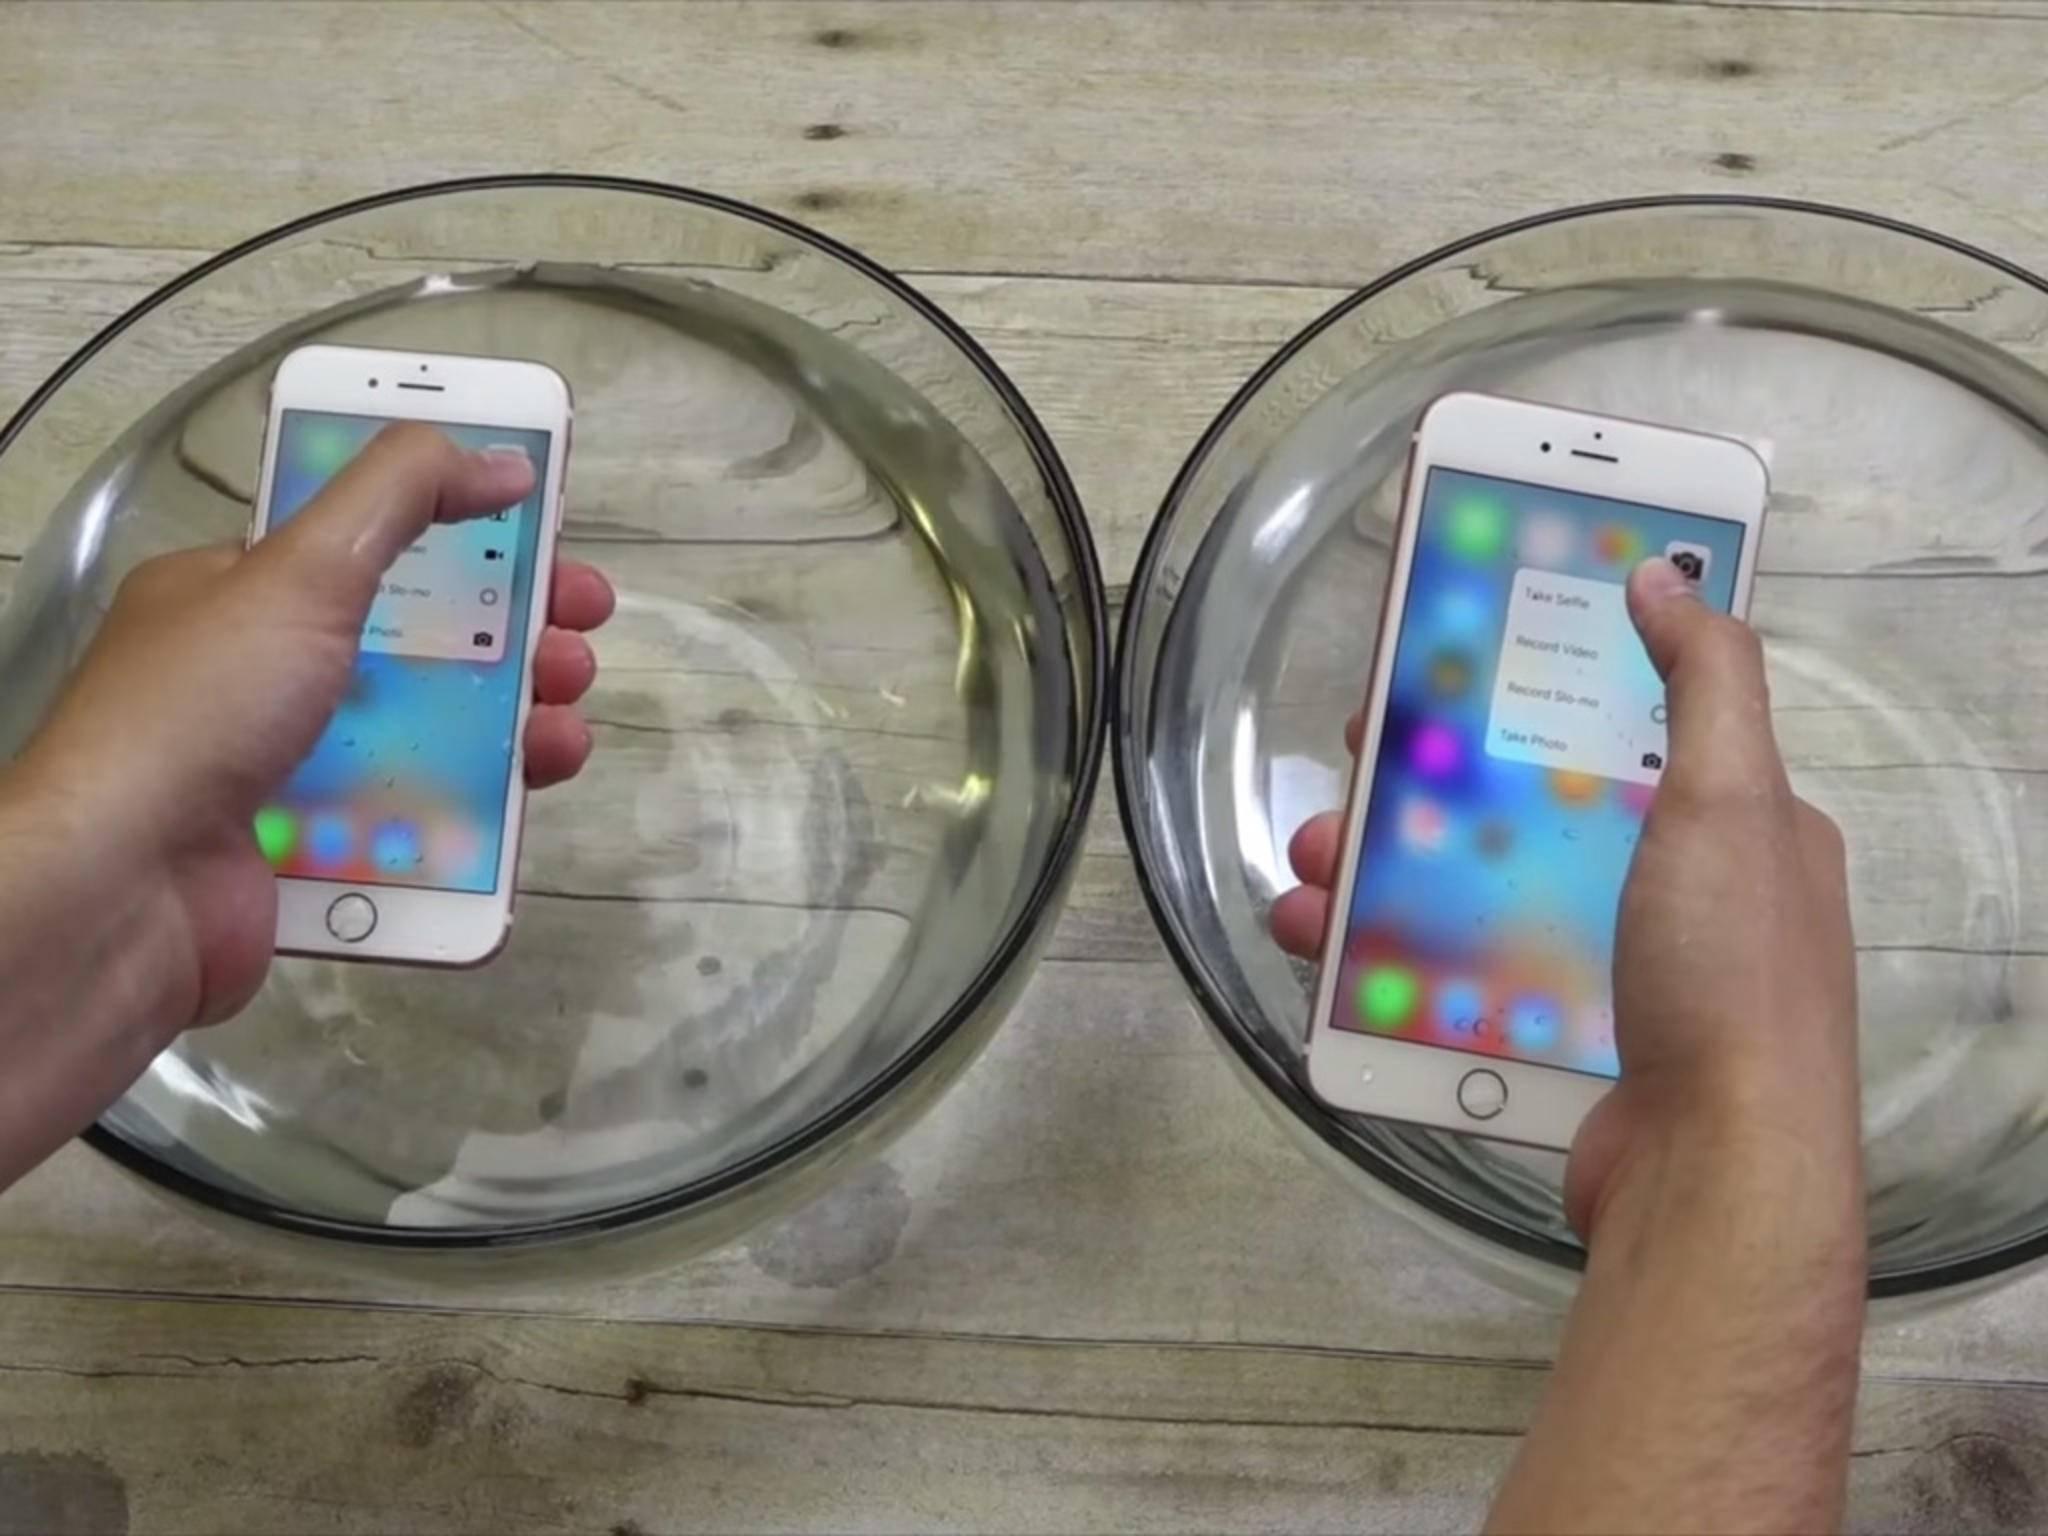 Das iPhone 7 soll Wasser besser standhalten können als das aktuelle iPhone 6s.